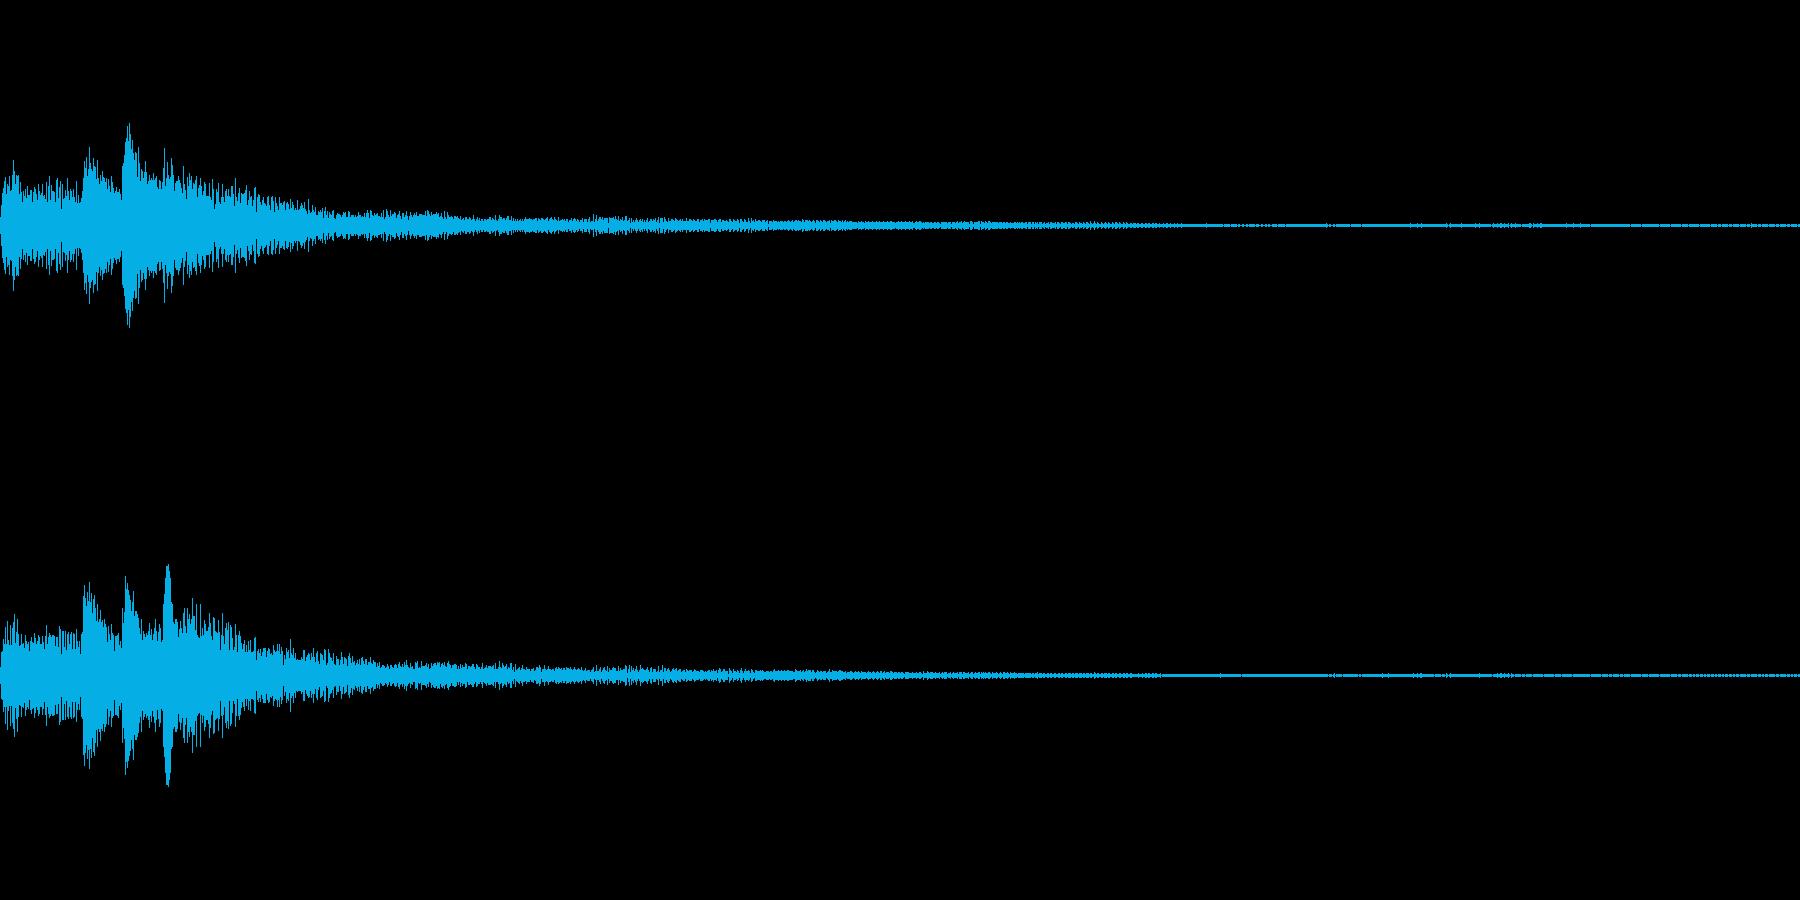 和風 ちゃららららー琴系音のジングルの再生済みの波形